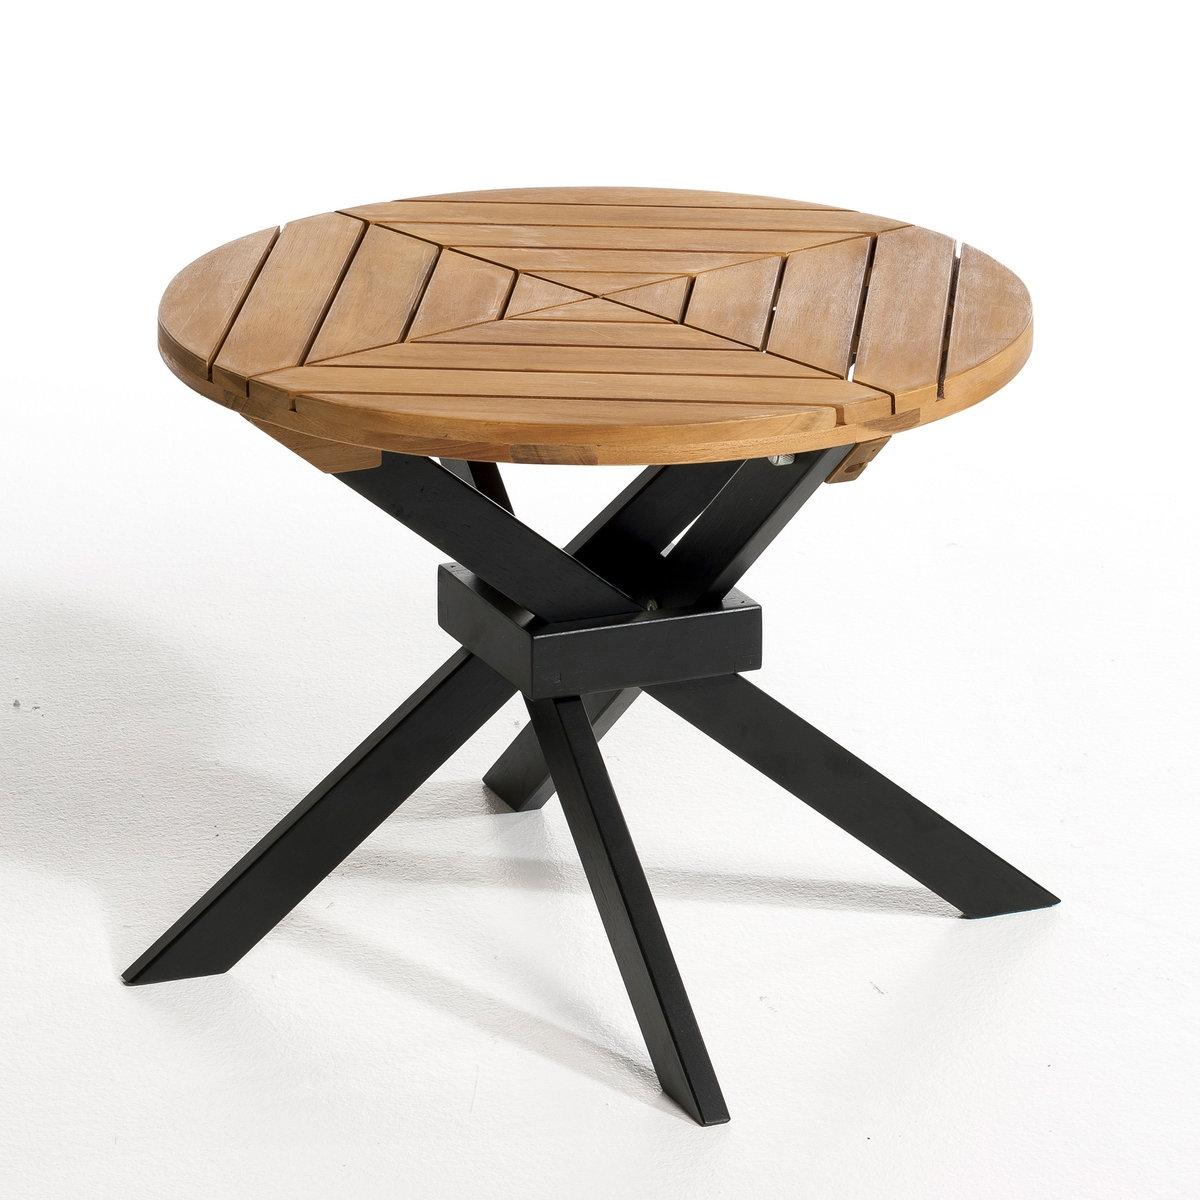 Столик садовый складной, JaktaРазмеры:- ?.50, В.40 см.Размеры и вес коробки:- Д.53 x В.7 x Г. 52 см, 5 кг<br><br>Цвет: коричнево-каштановый